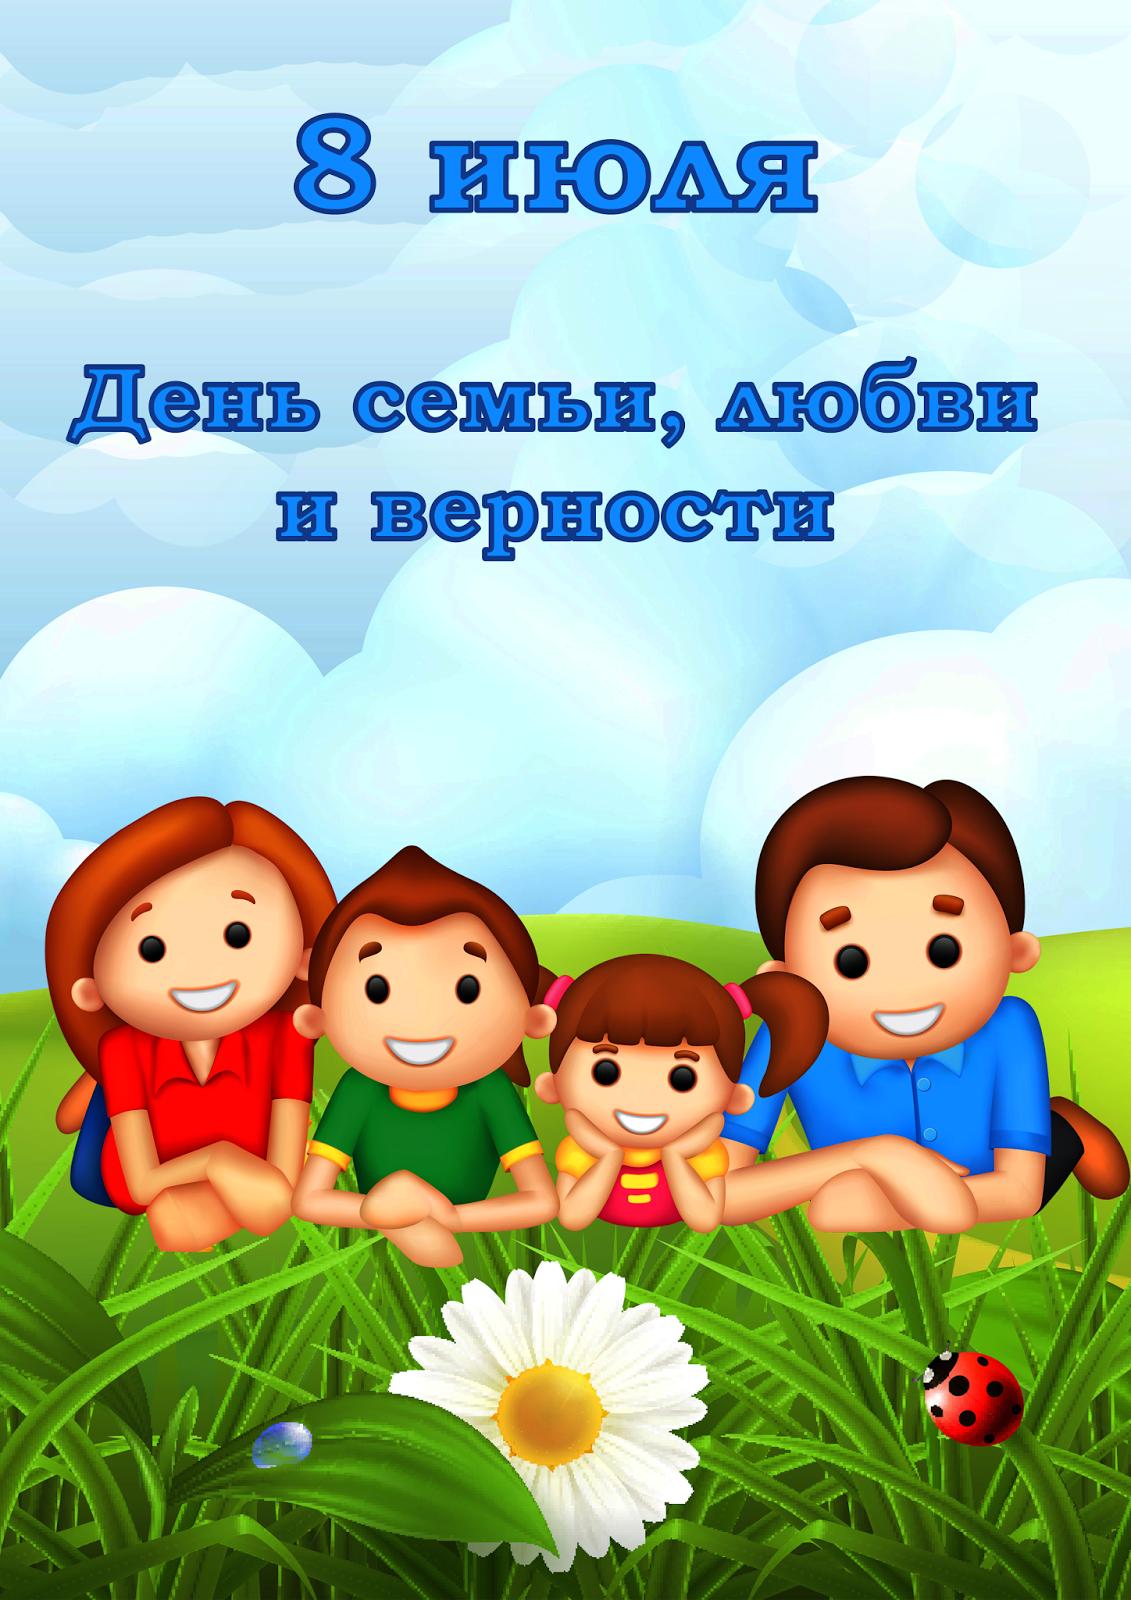 Двигаются, картинки ко дню семьи любви и верности для детского сада